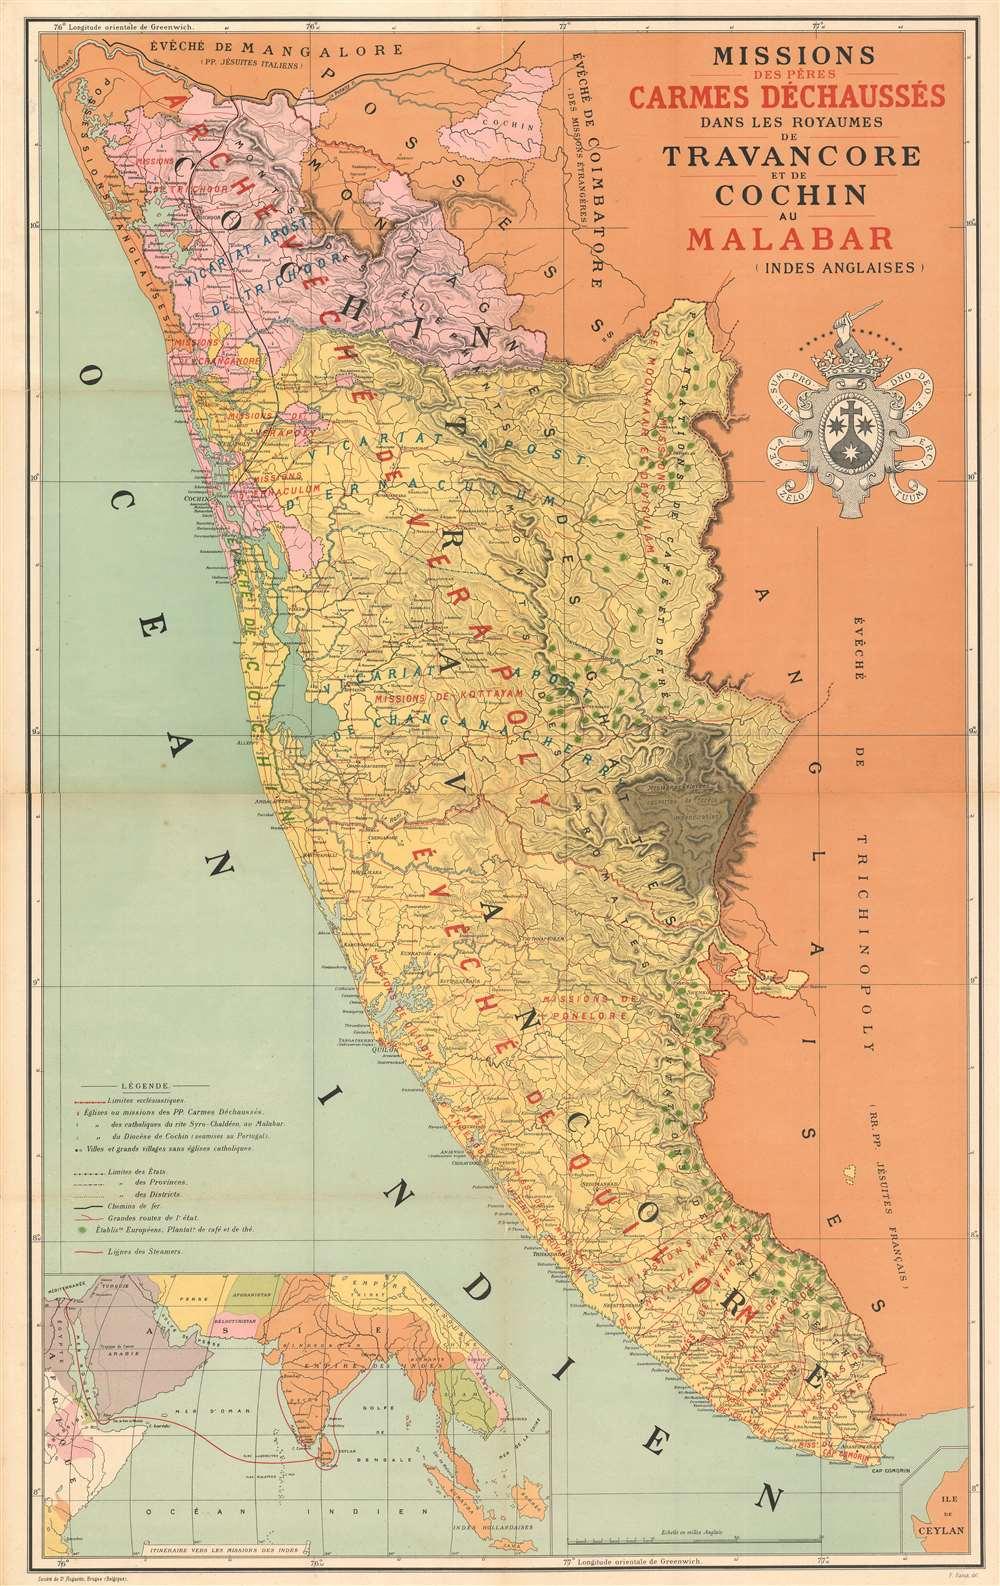 Carte des missions des pères Carmes Déchaussés dans les Royames de Travancore et de Cochin au Malabar (Indes Anglaises). - Main View